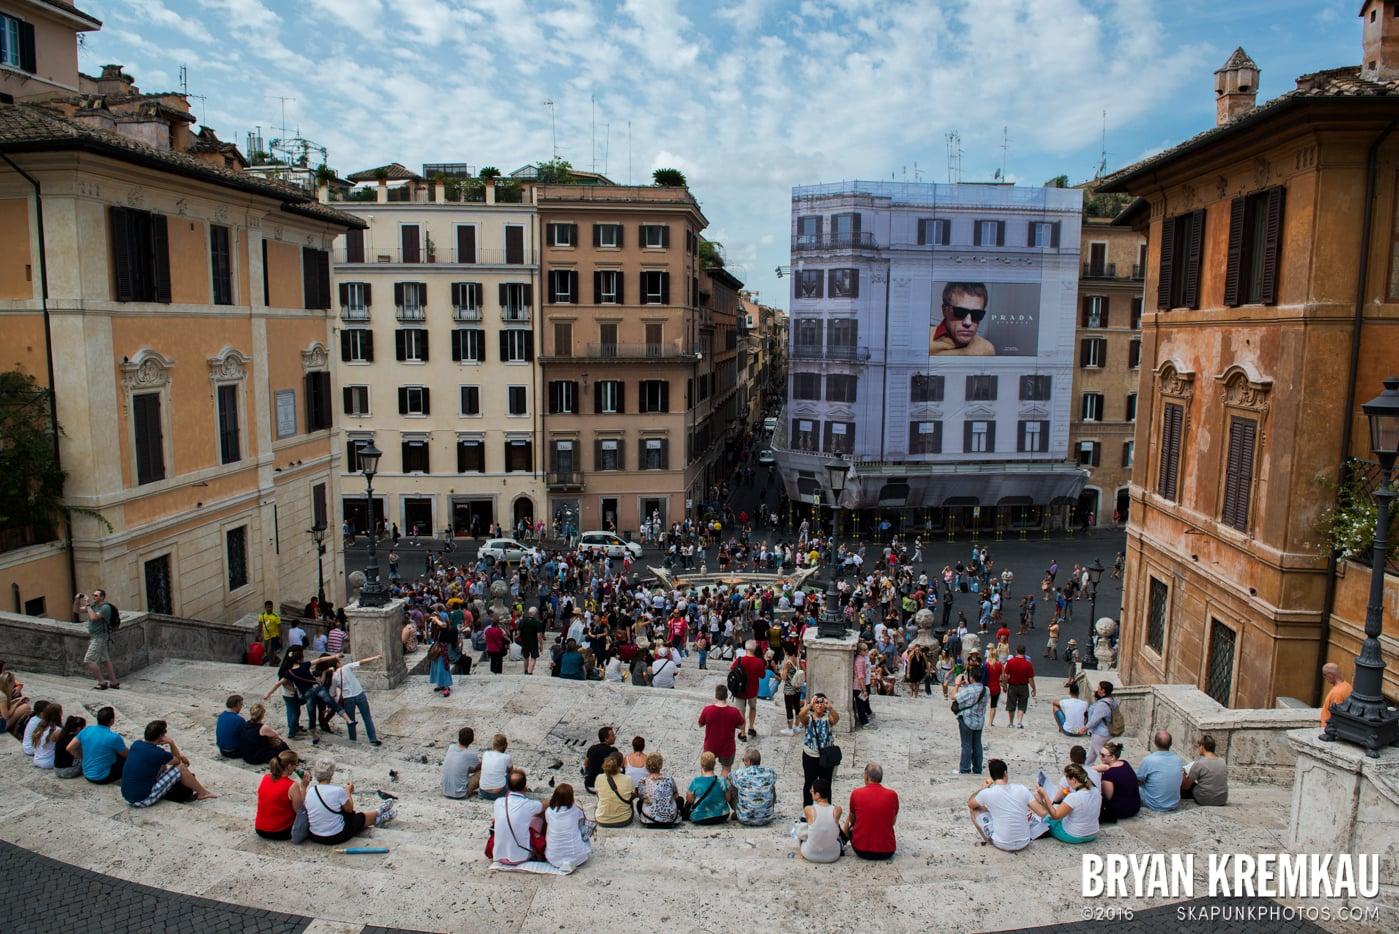 Italy Vacation - Day 1: Rome - 9.9.13 (65)